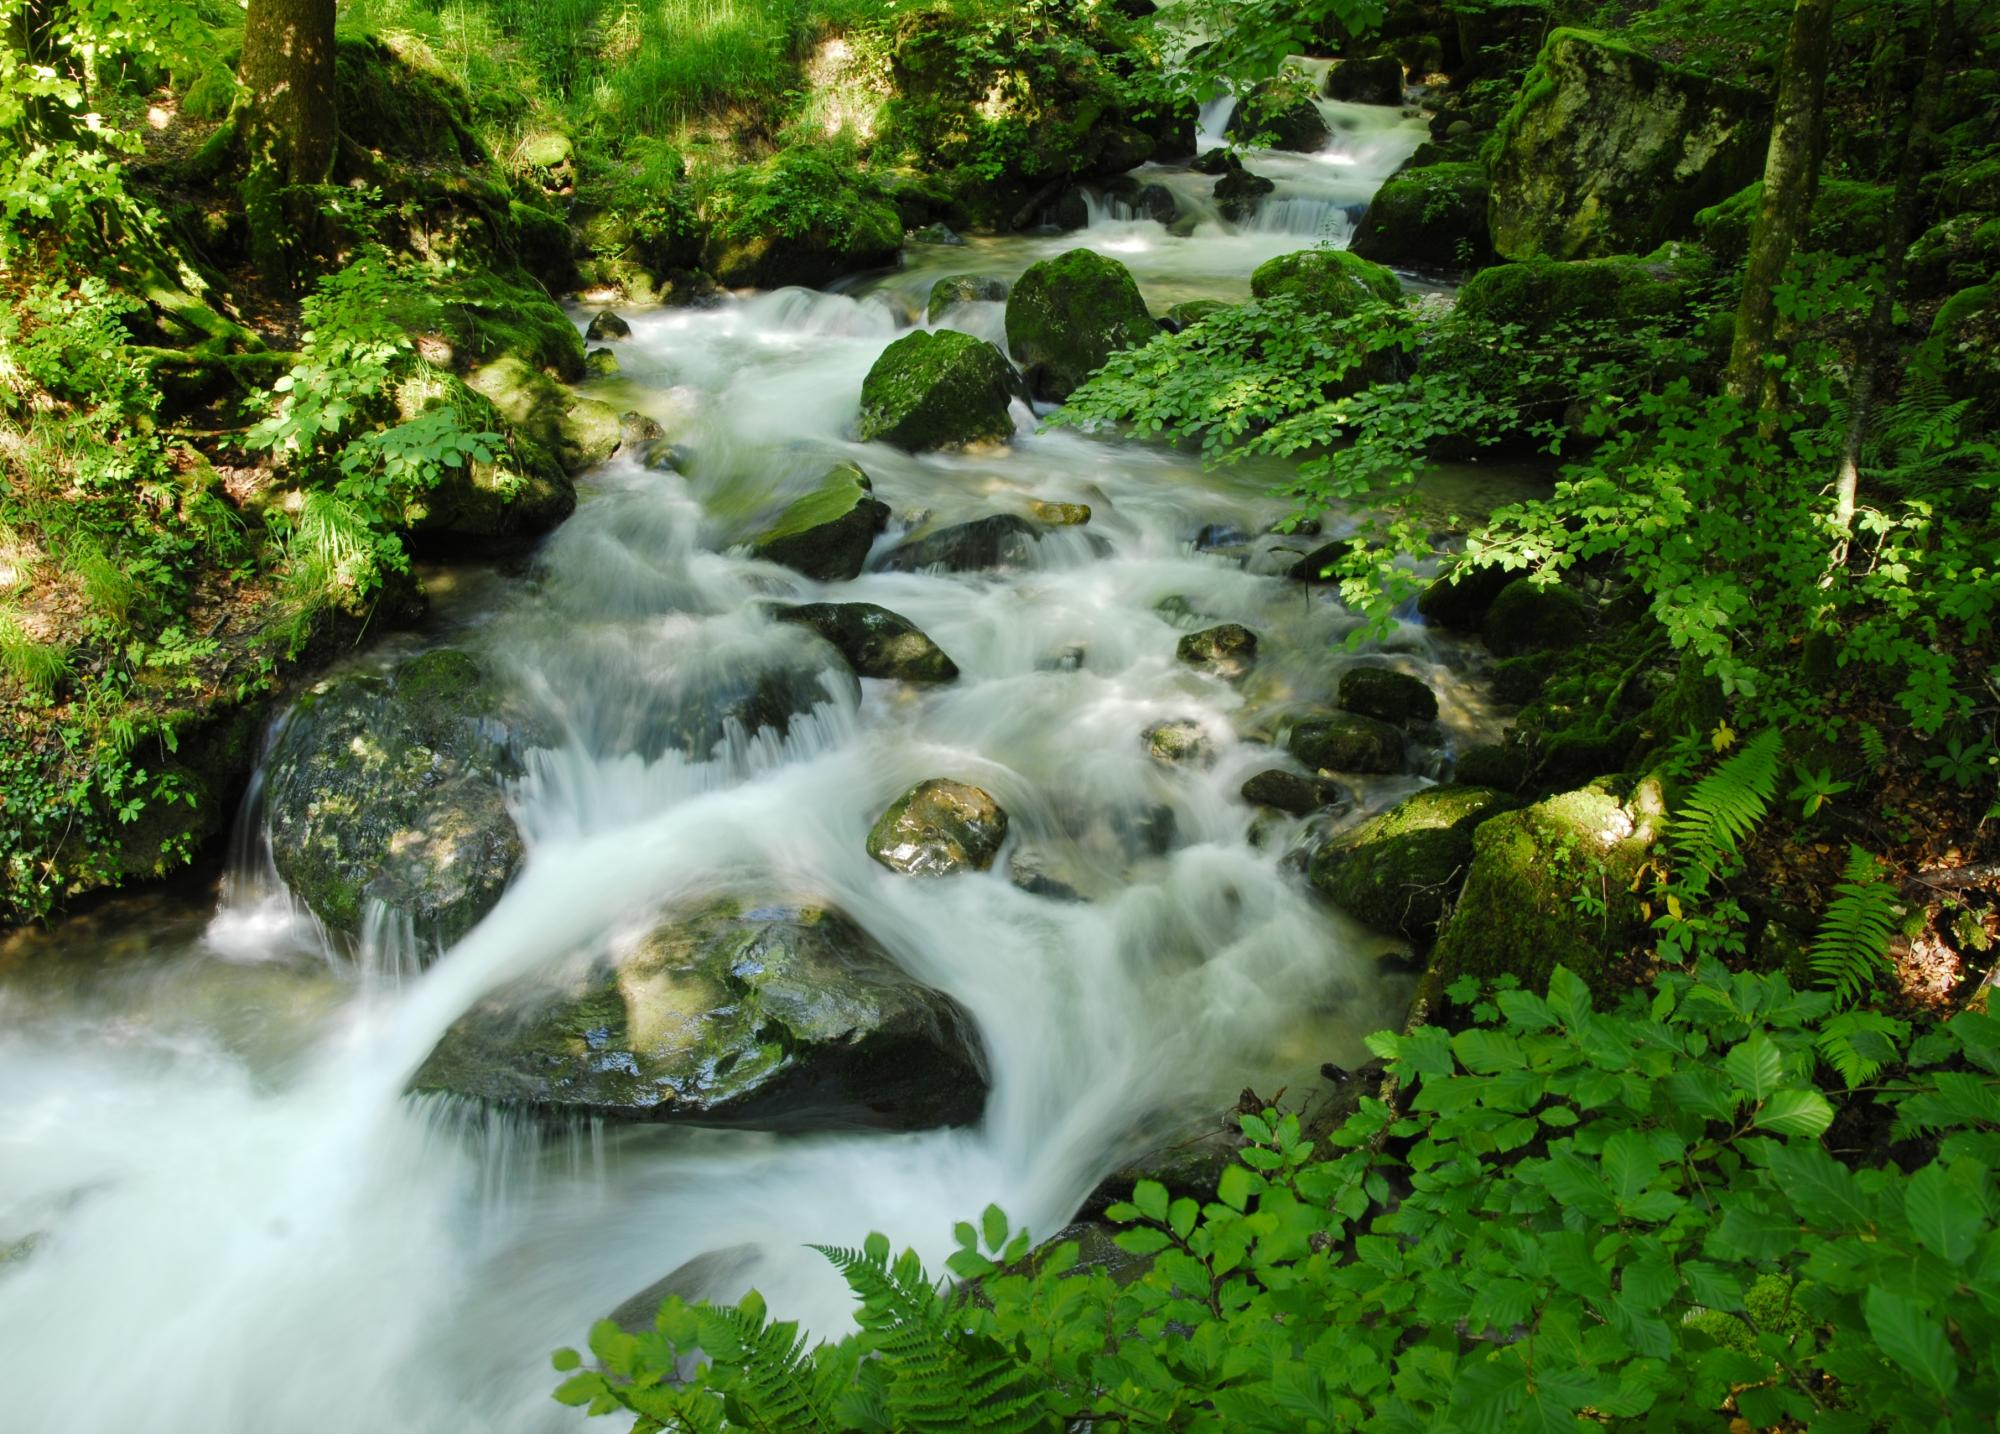 Les plus belles gorges naturelles de Suisse - Gorges de Covatannaz